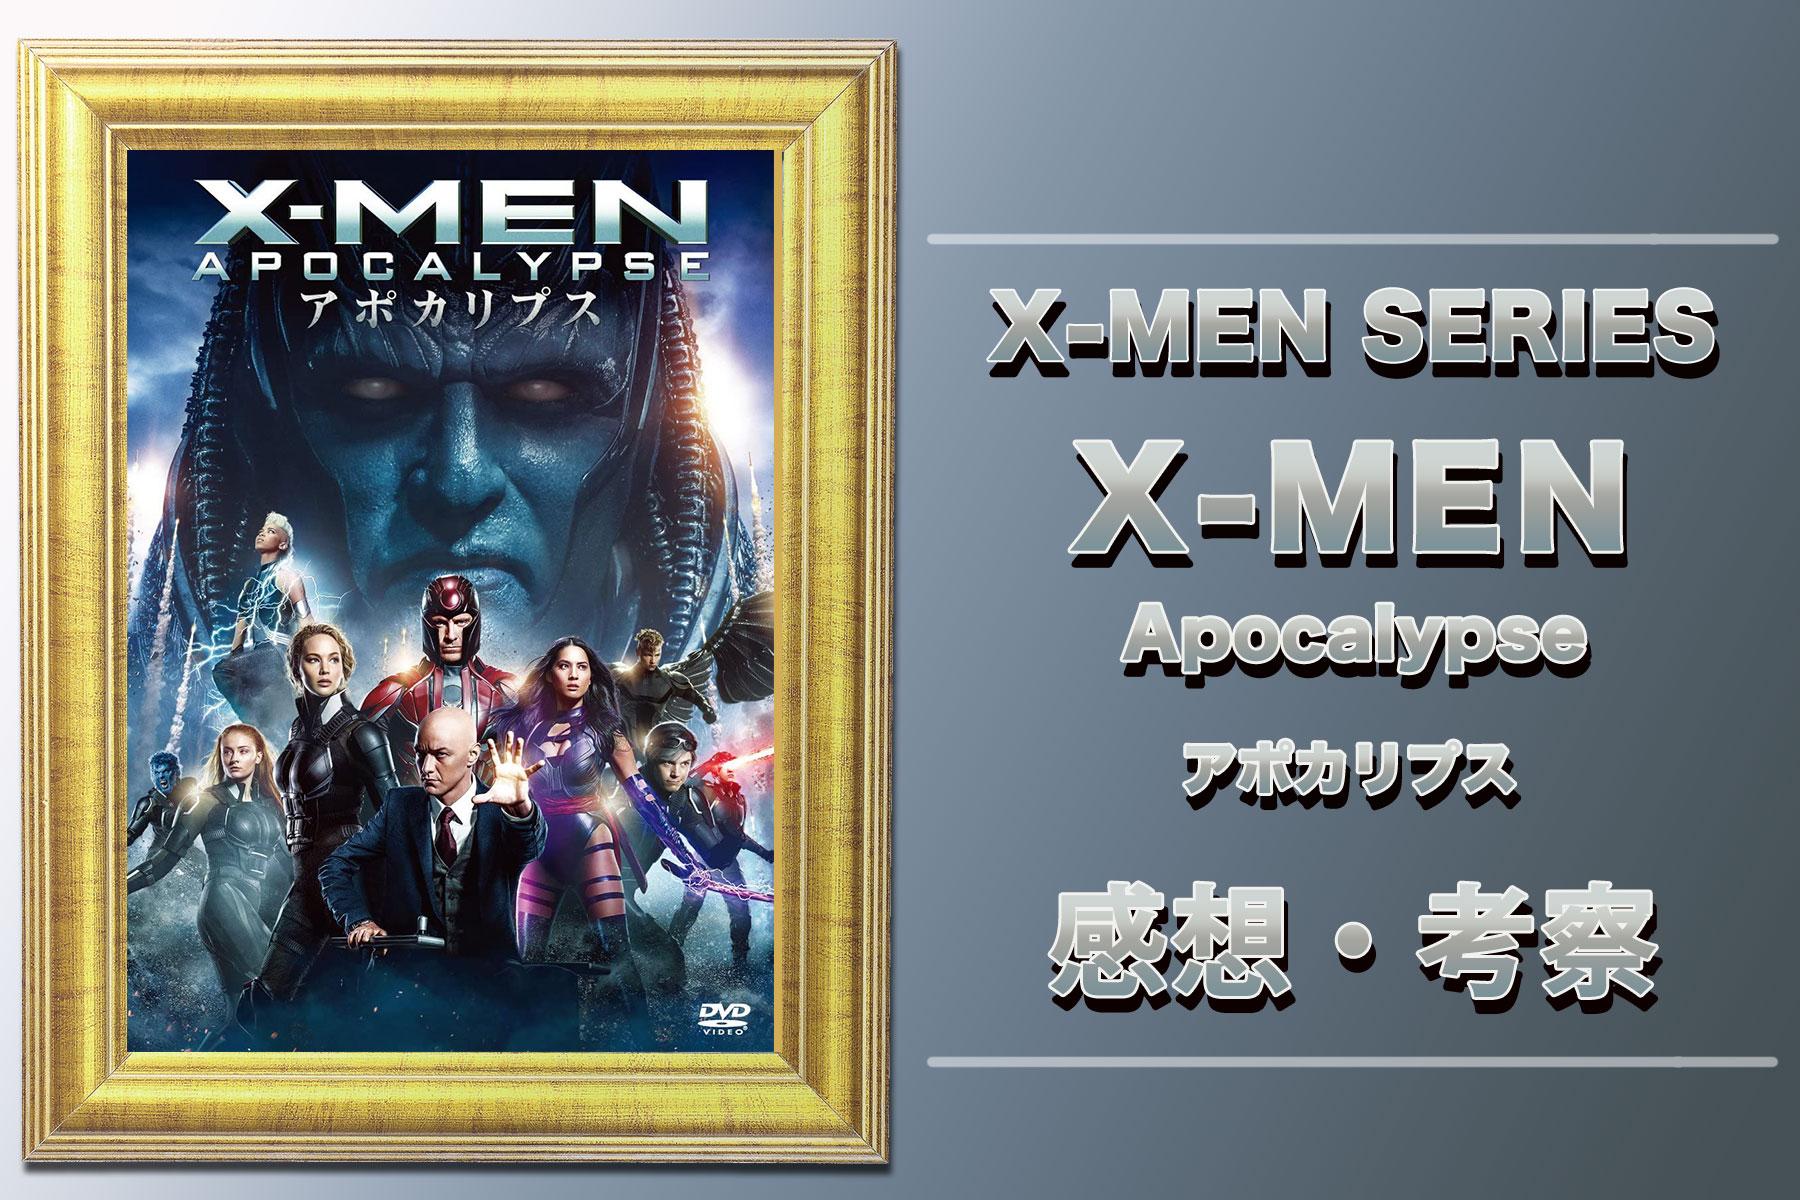 【徹底解説】『X-MEN アポカリプス』(2016)の考察と結末、登場する能力や評価とは?